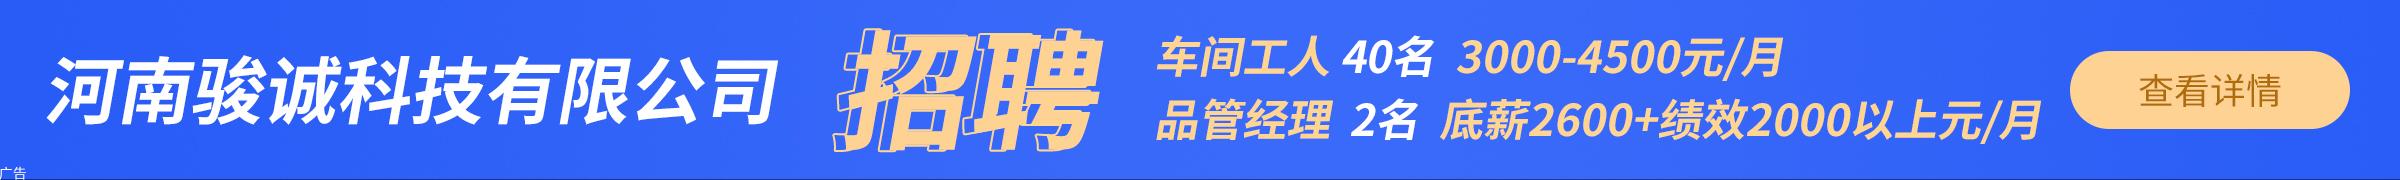 河南駿誠產業園信陽煒盛科技有限公司